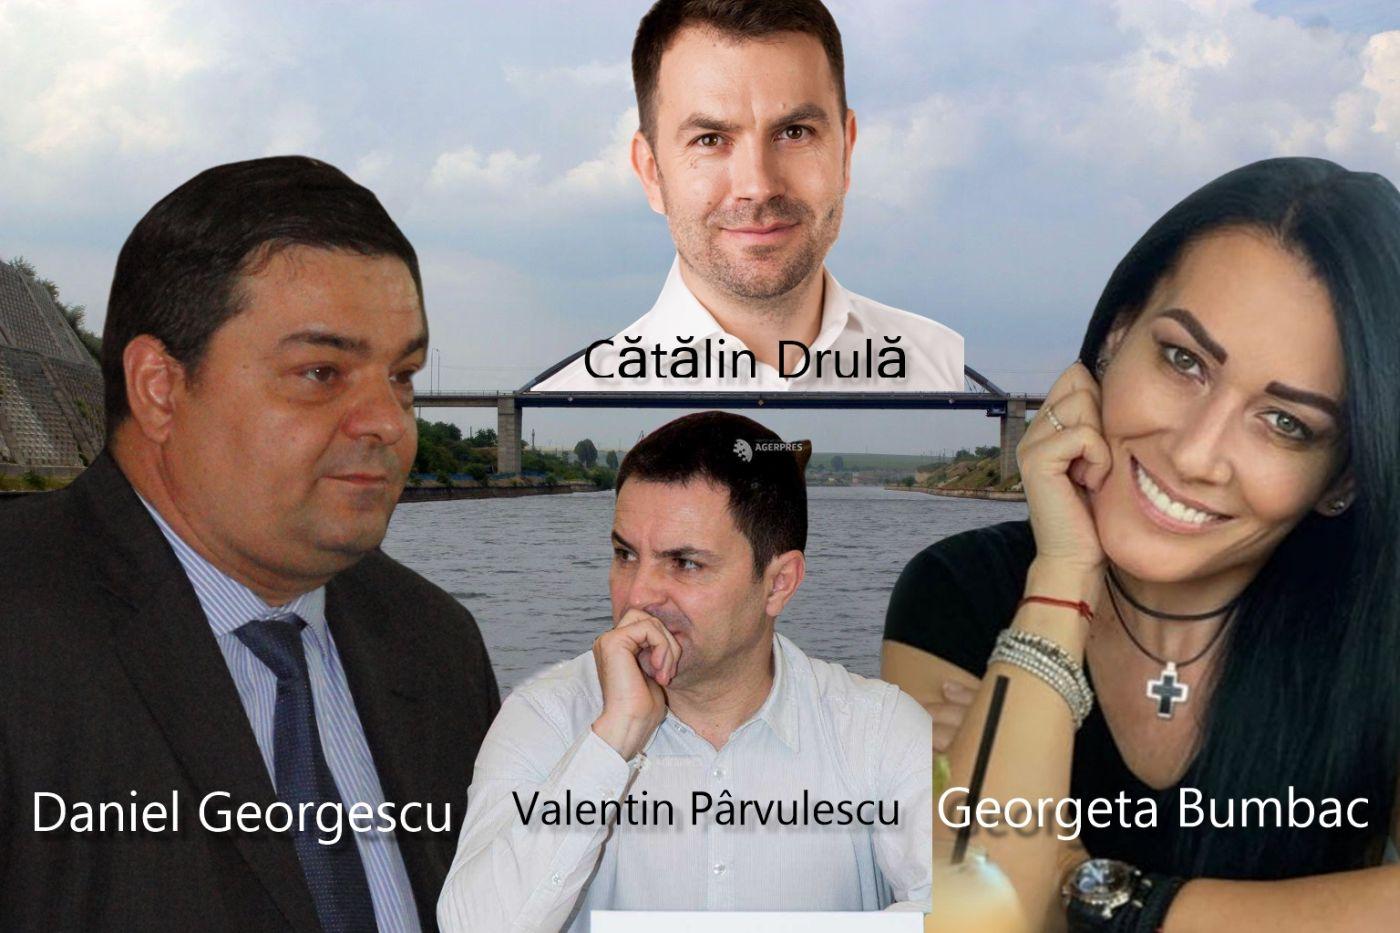 Daniel Georgescu, lider PSD, director general al CNACN, Valentin Pârvulescu, lider PSD, membru în C.A., Cătălin Drulă, ministrul Transporturilor, USR, Georgeta Bumbac, președintele C.A. (nu e membru de partid, dar nașul fiului este președintele PSD Constanța, Felix Stroe)